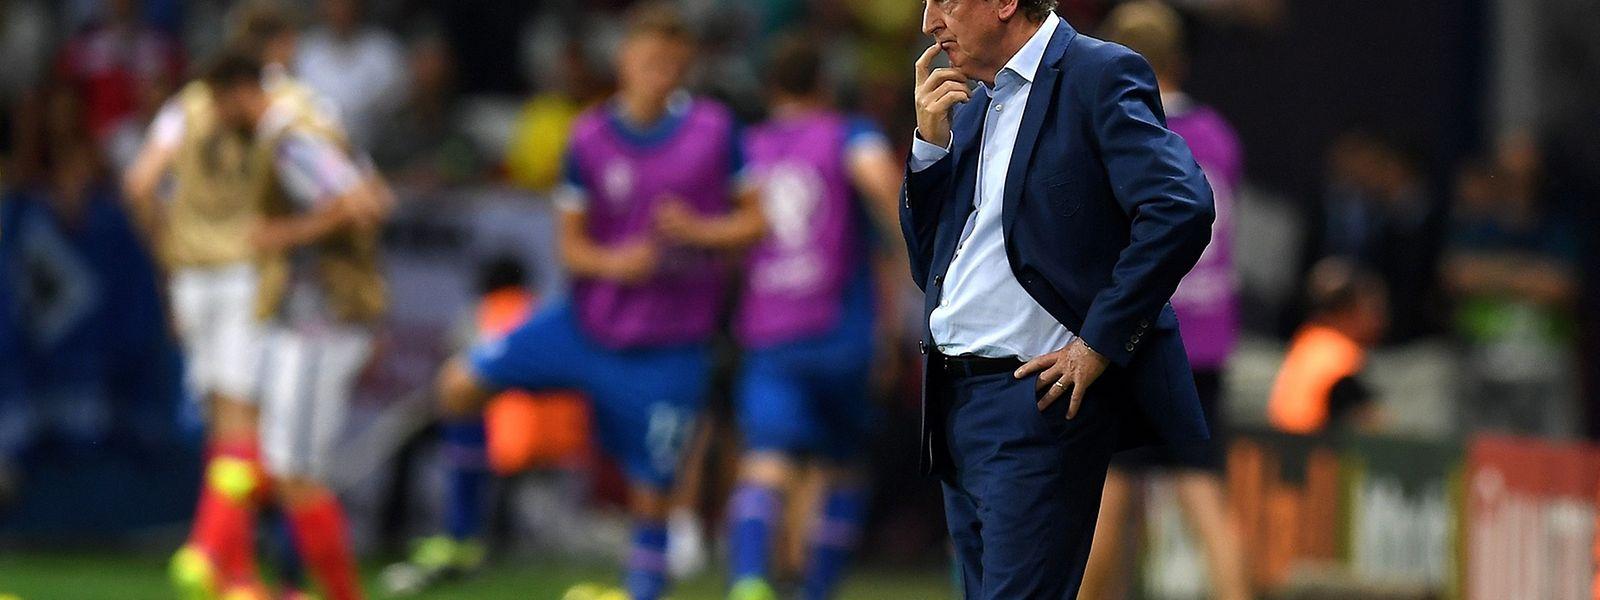 Ratlos: Roy Hodgson nach der 1:2-Niederlage gegen Island.